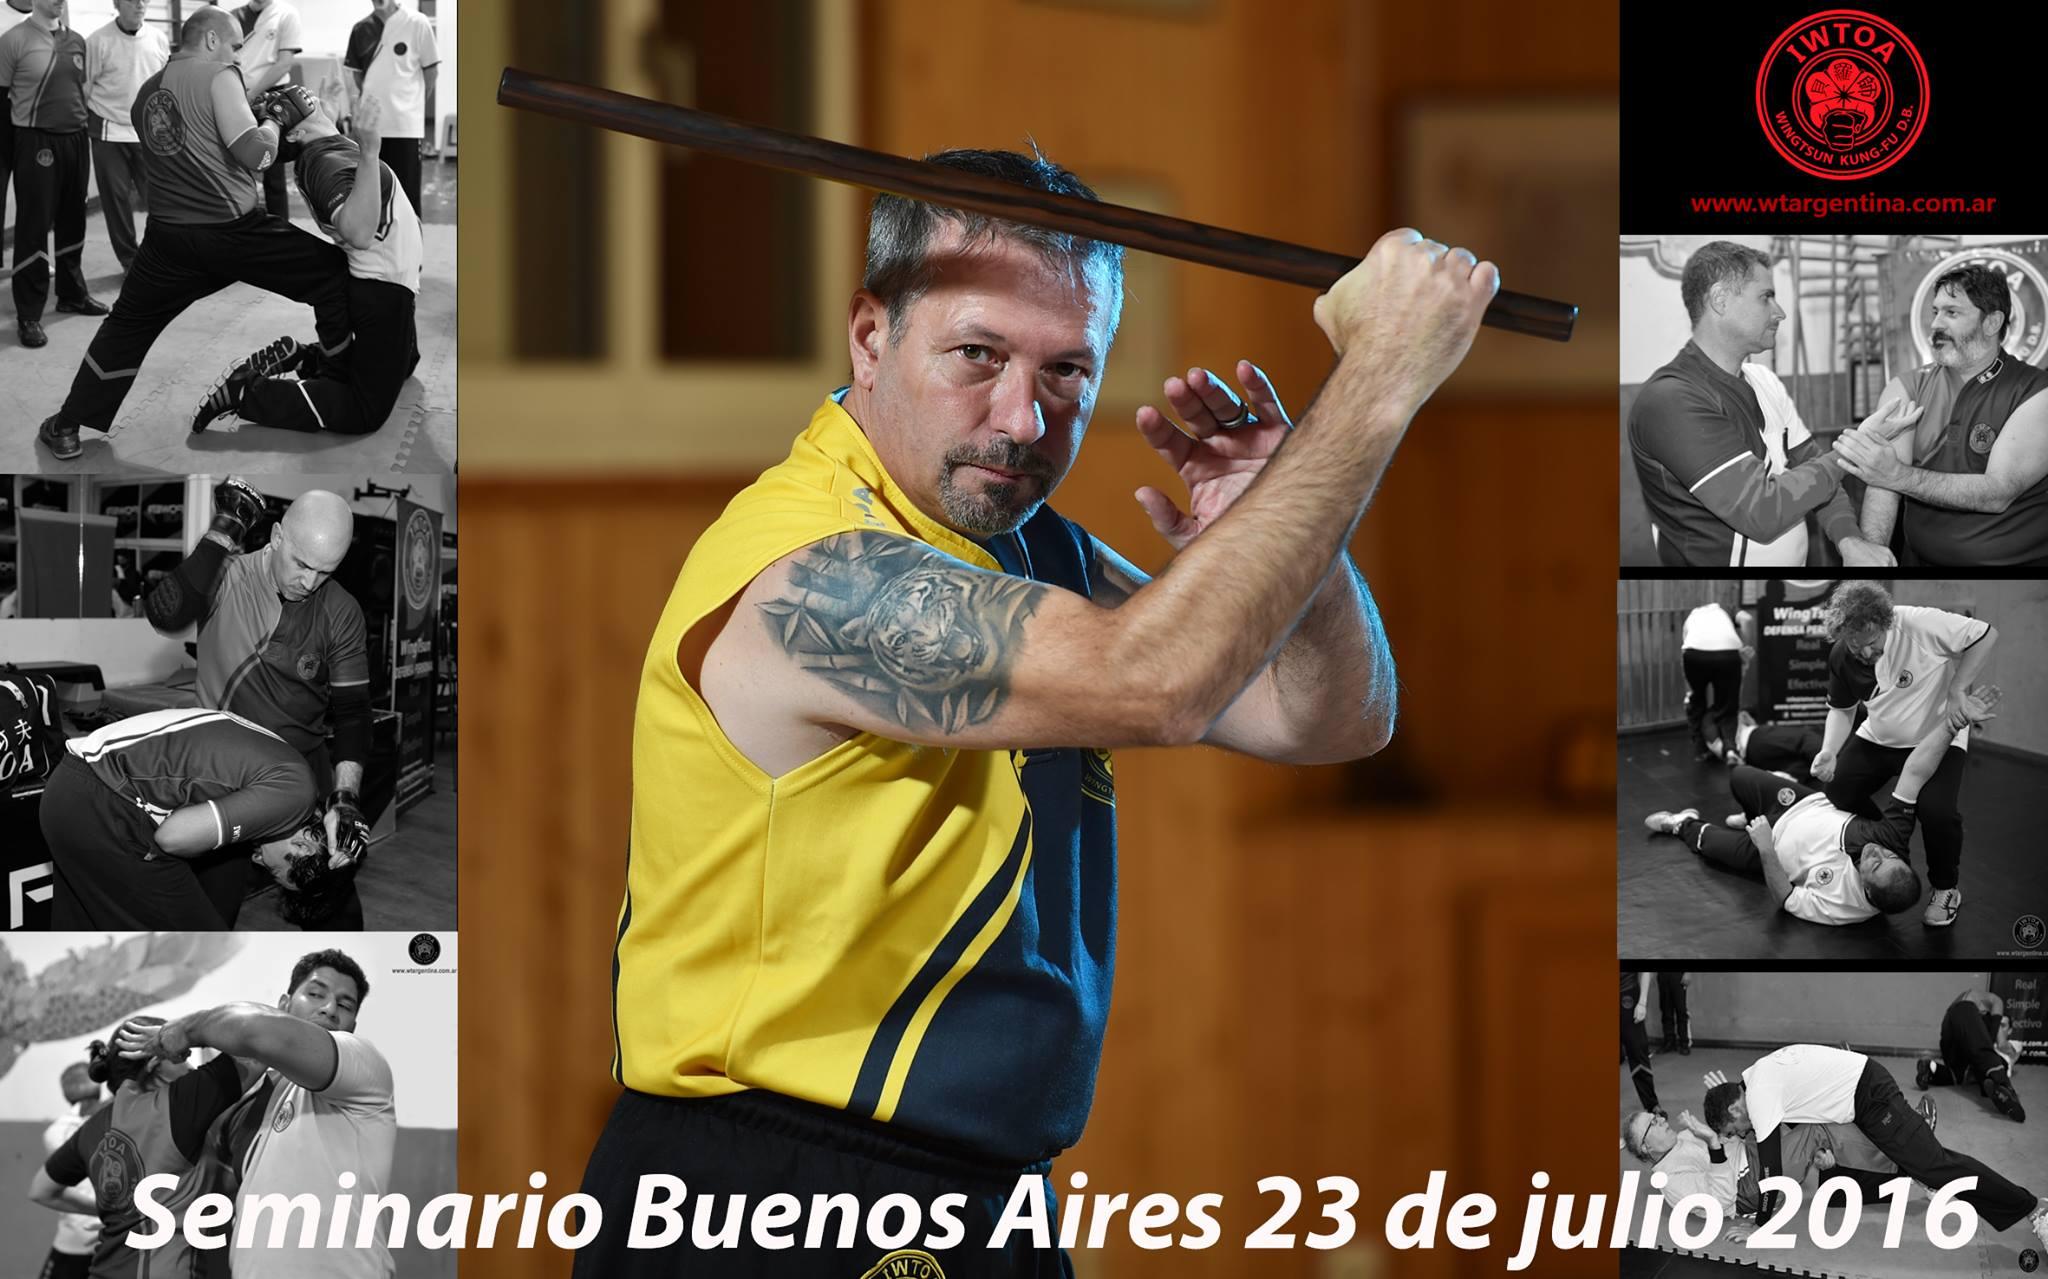 Seminario WingTsun Buenos Aires Julio 2016